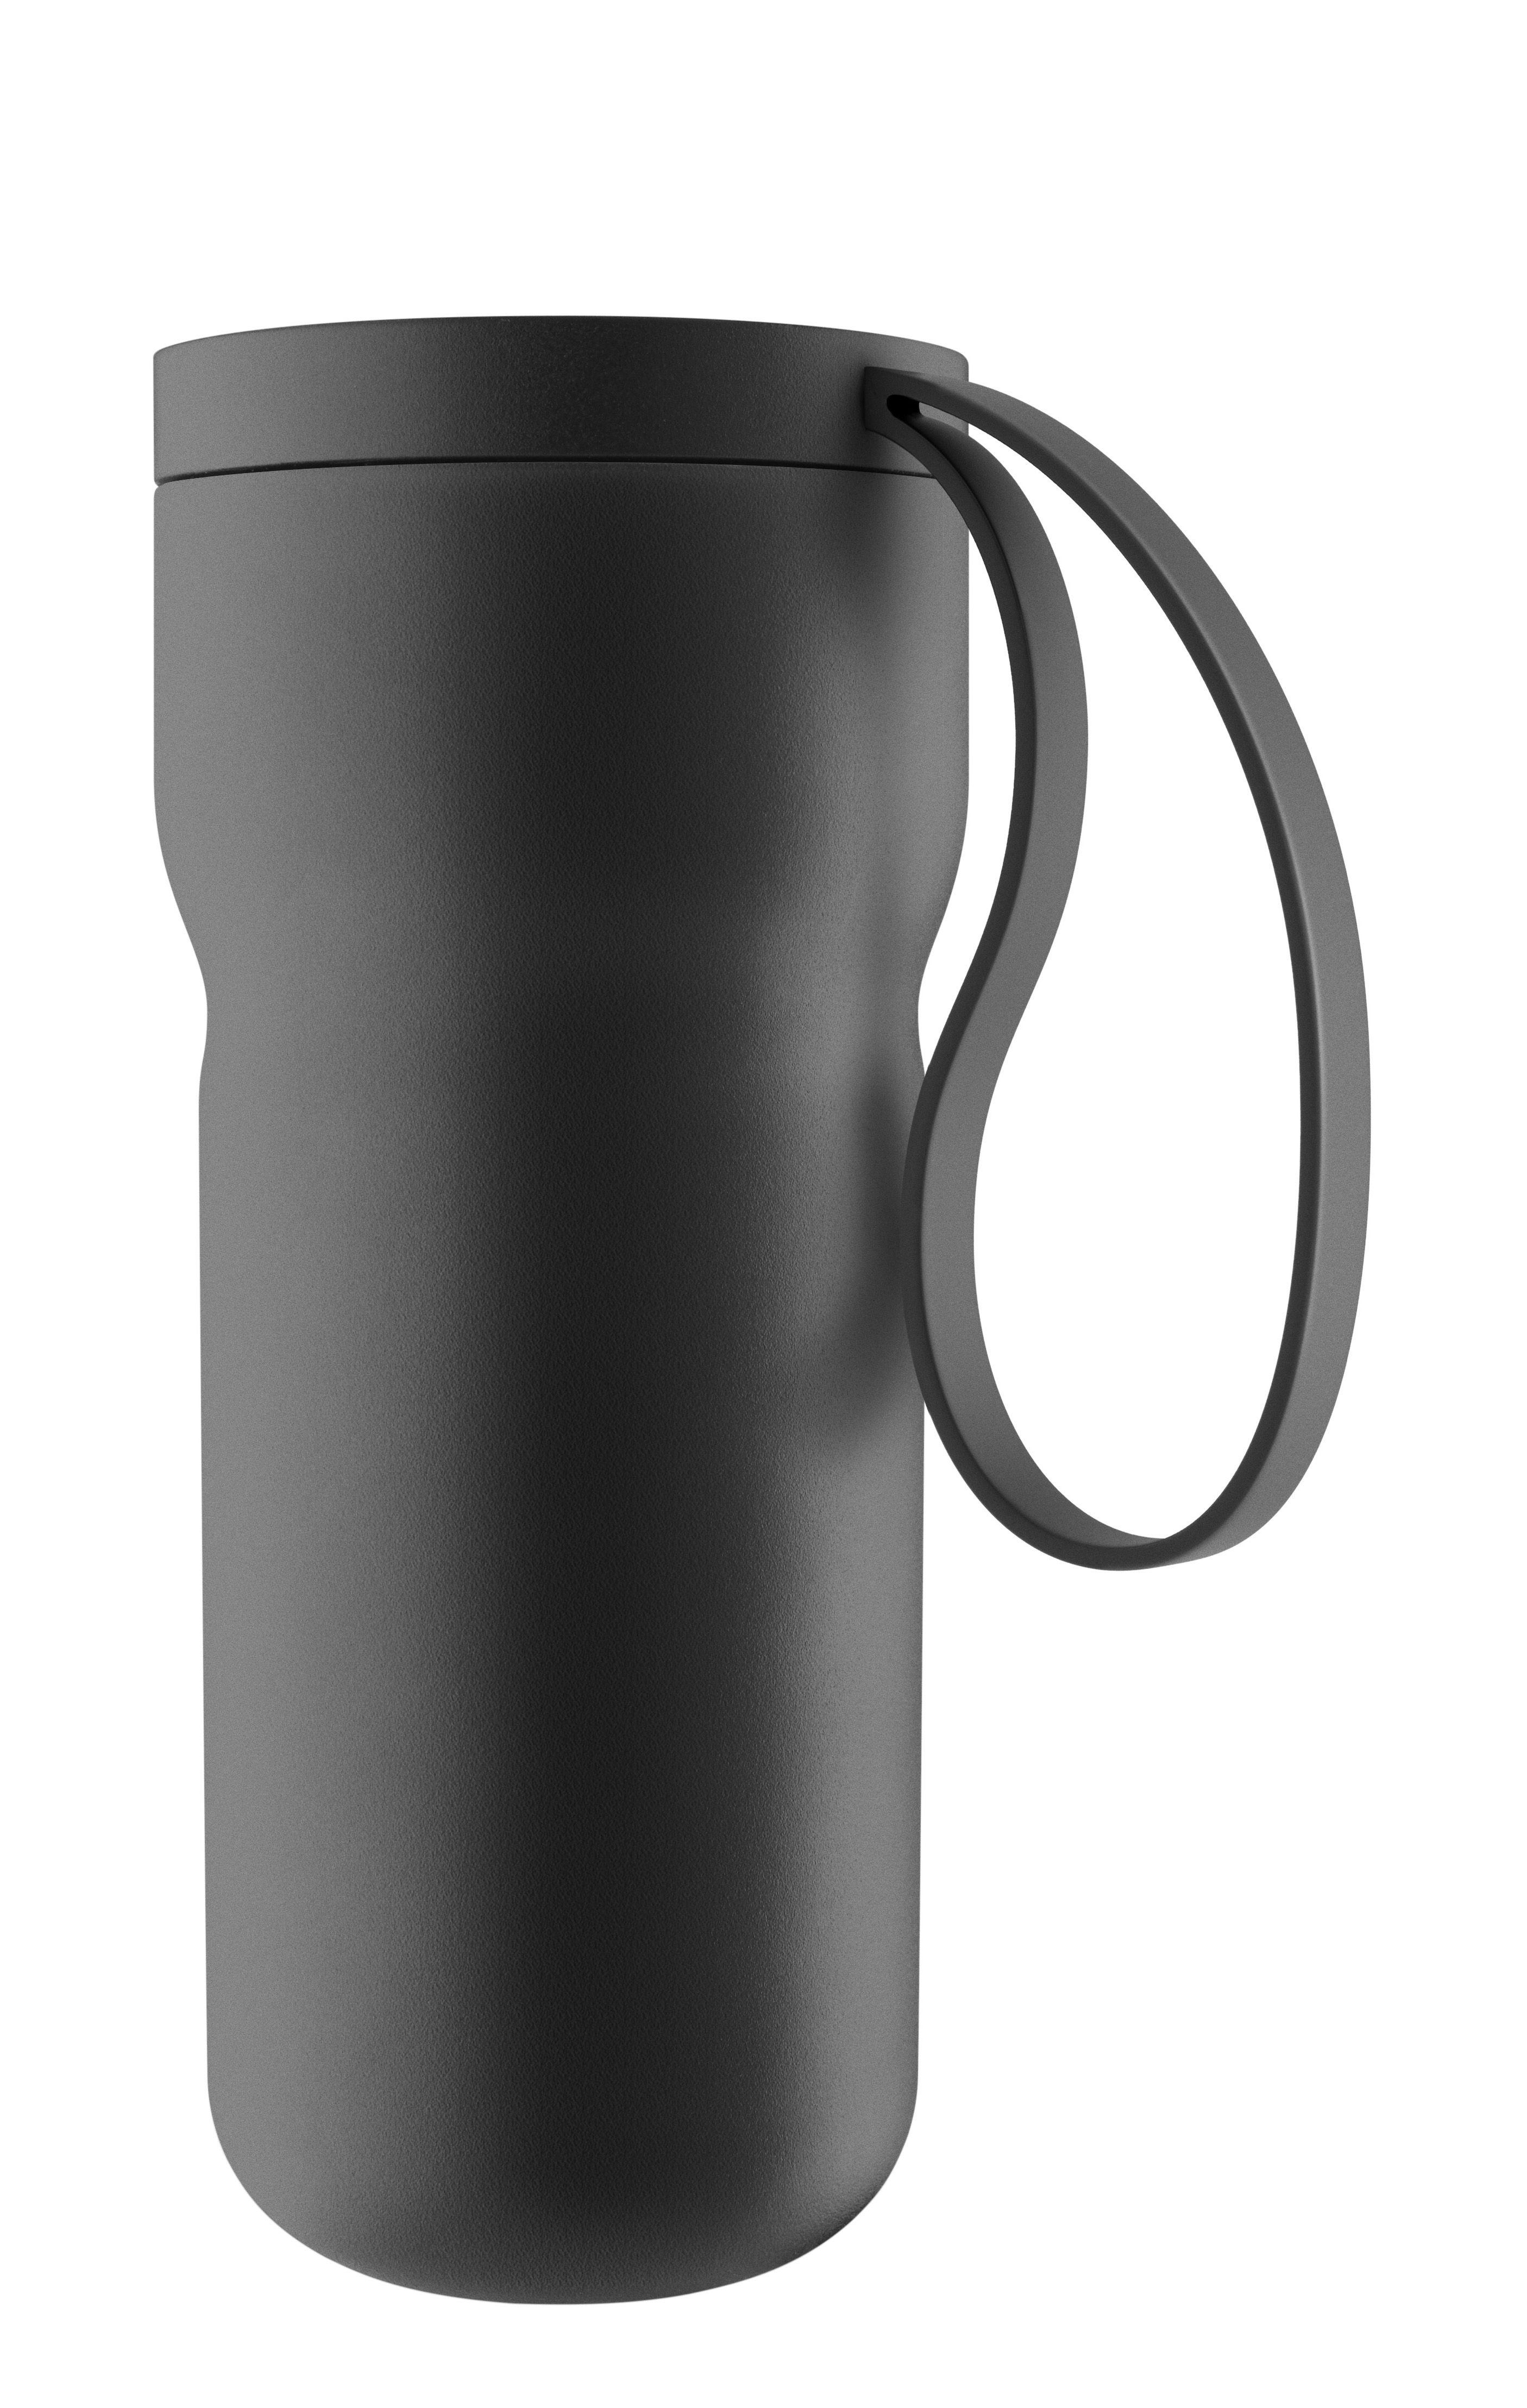 Tischkultur - Tassen und Becher - Nordic Kitchen Thermobecher / mit Teesieb - Eva Solo - Schwarz matt - Plastik, rostfreier Stahl, Silikon